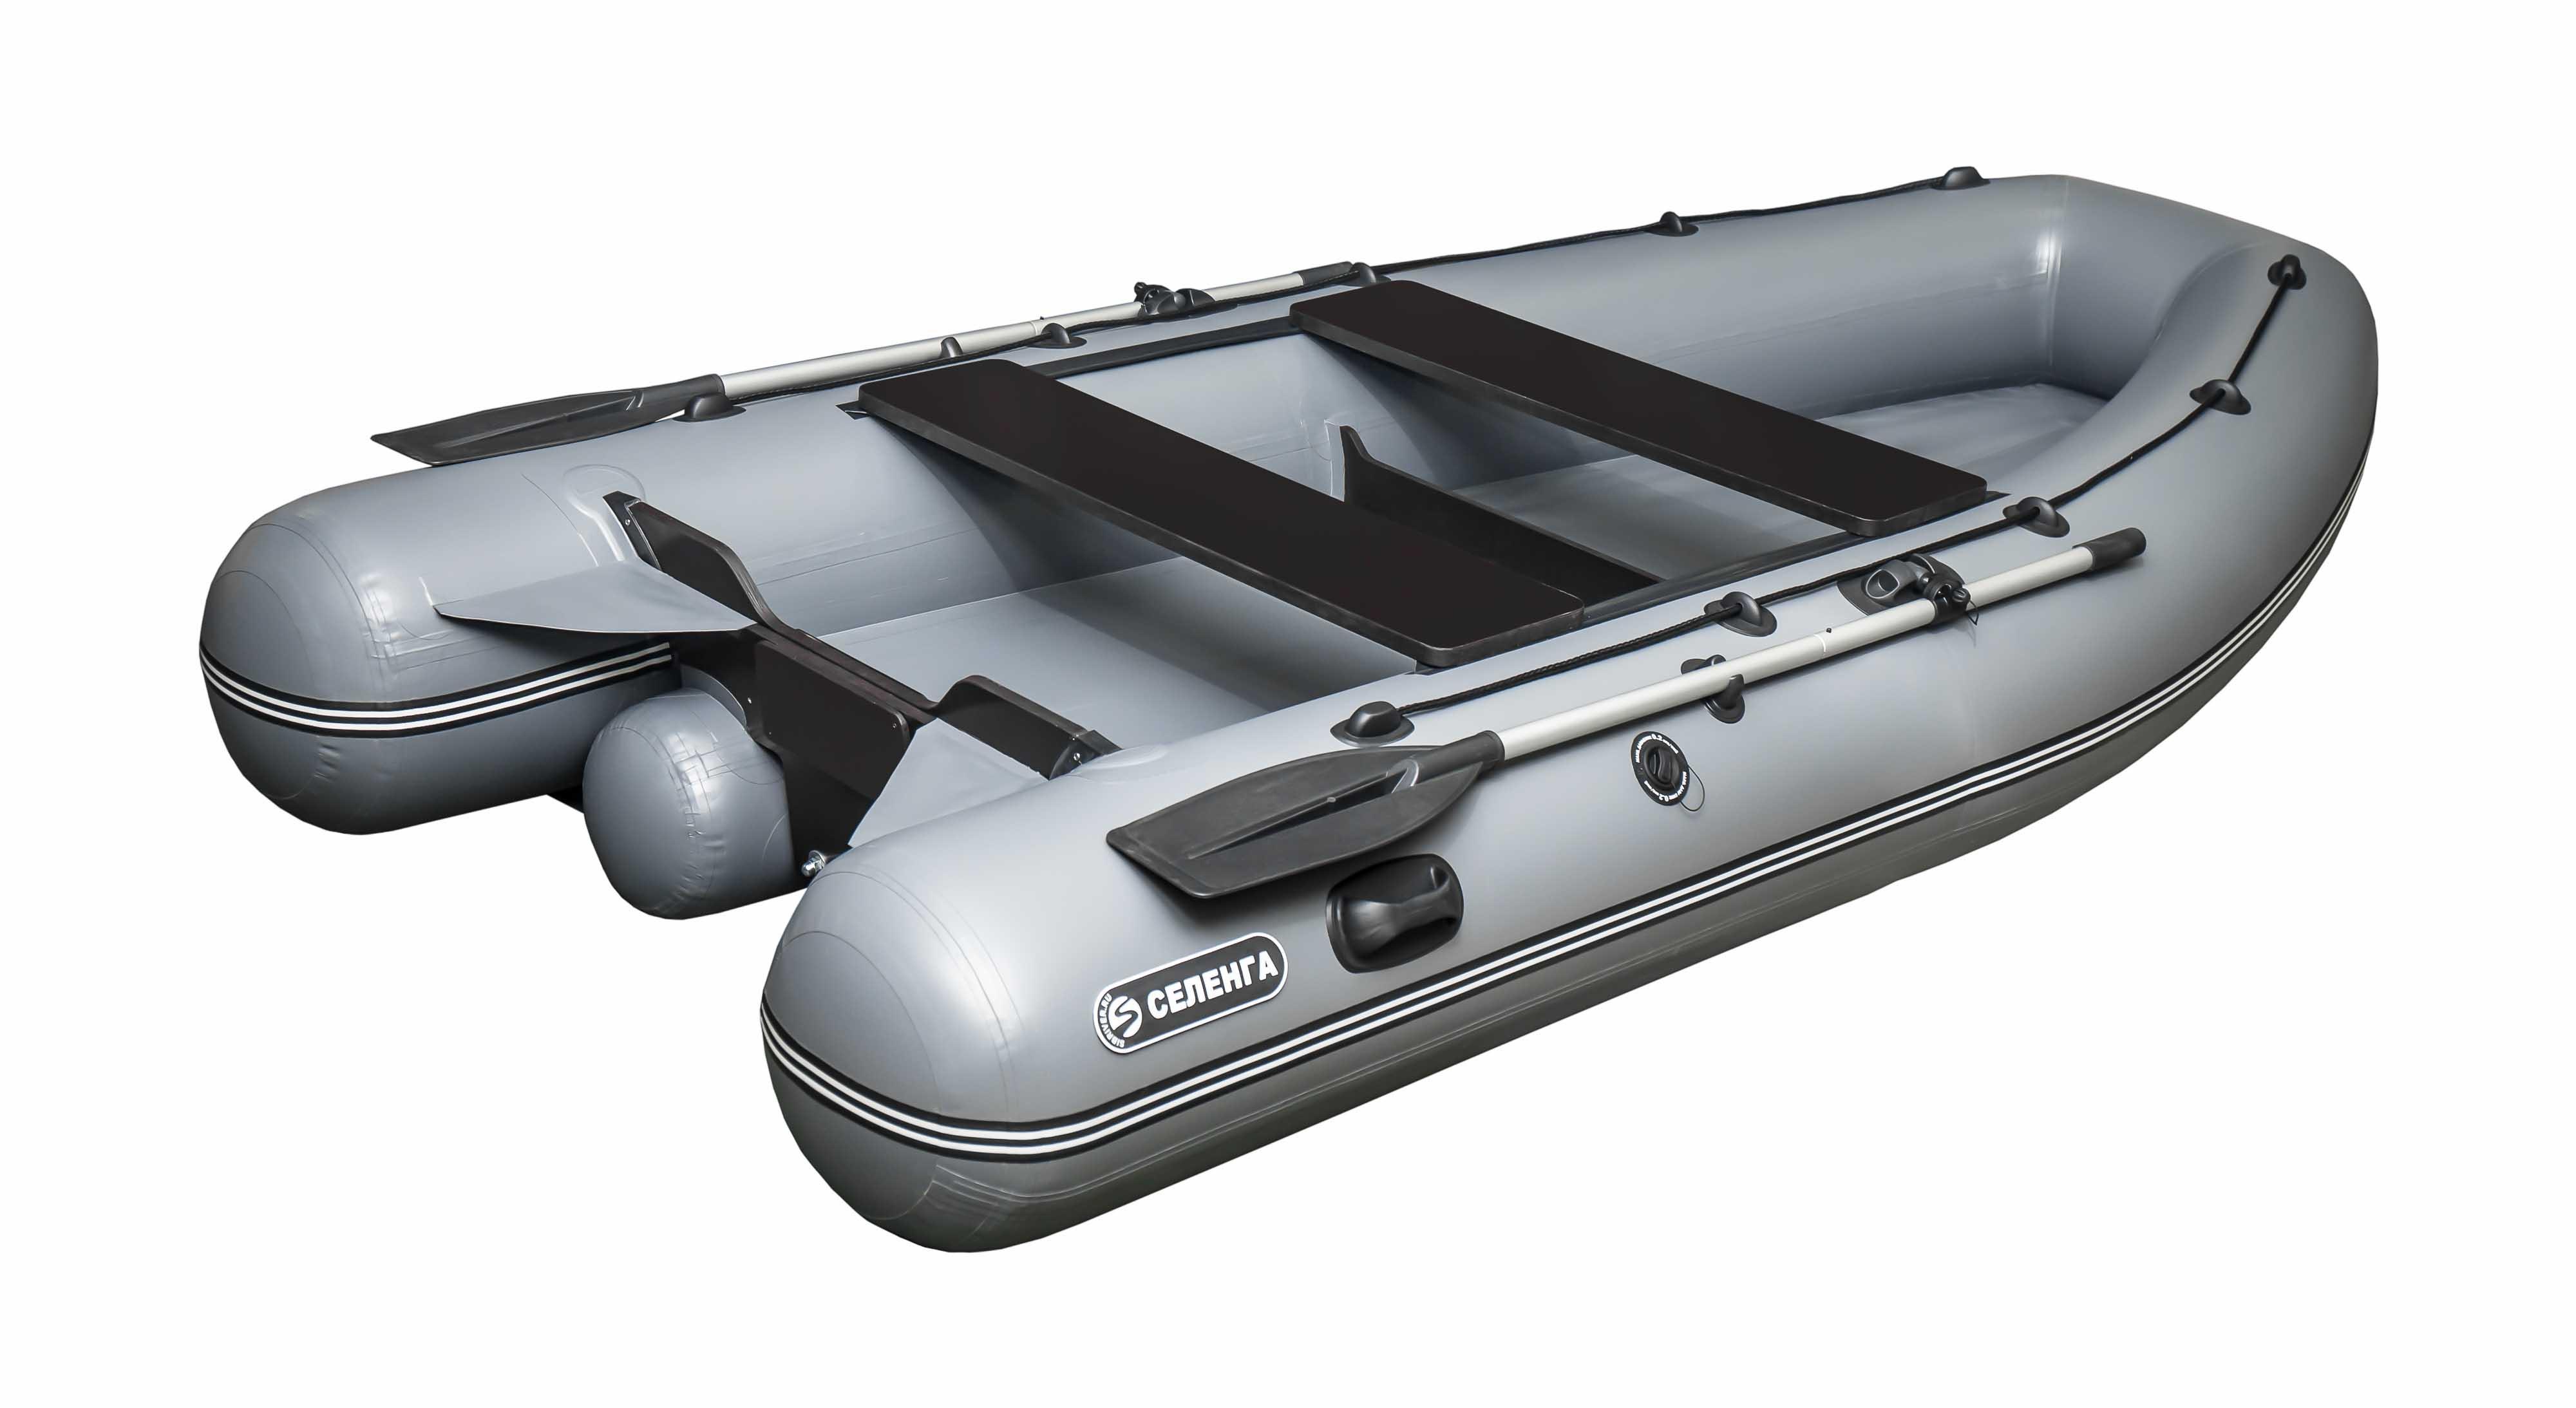 купить лодку с пвх и мотор в кредит